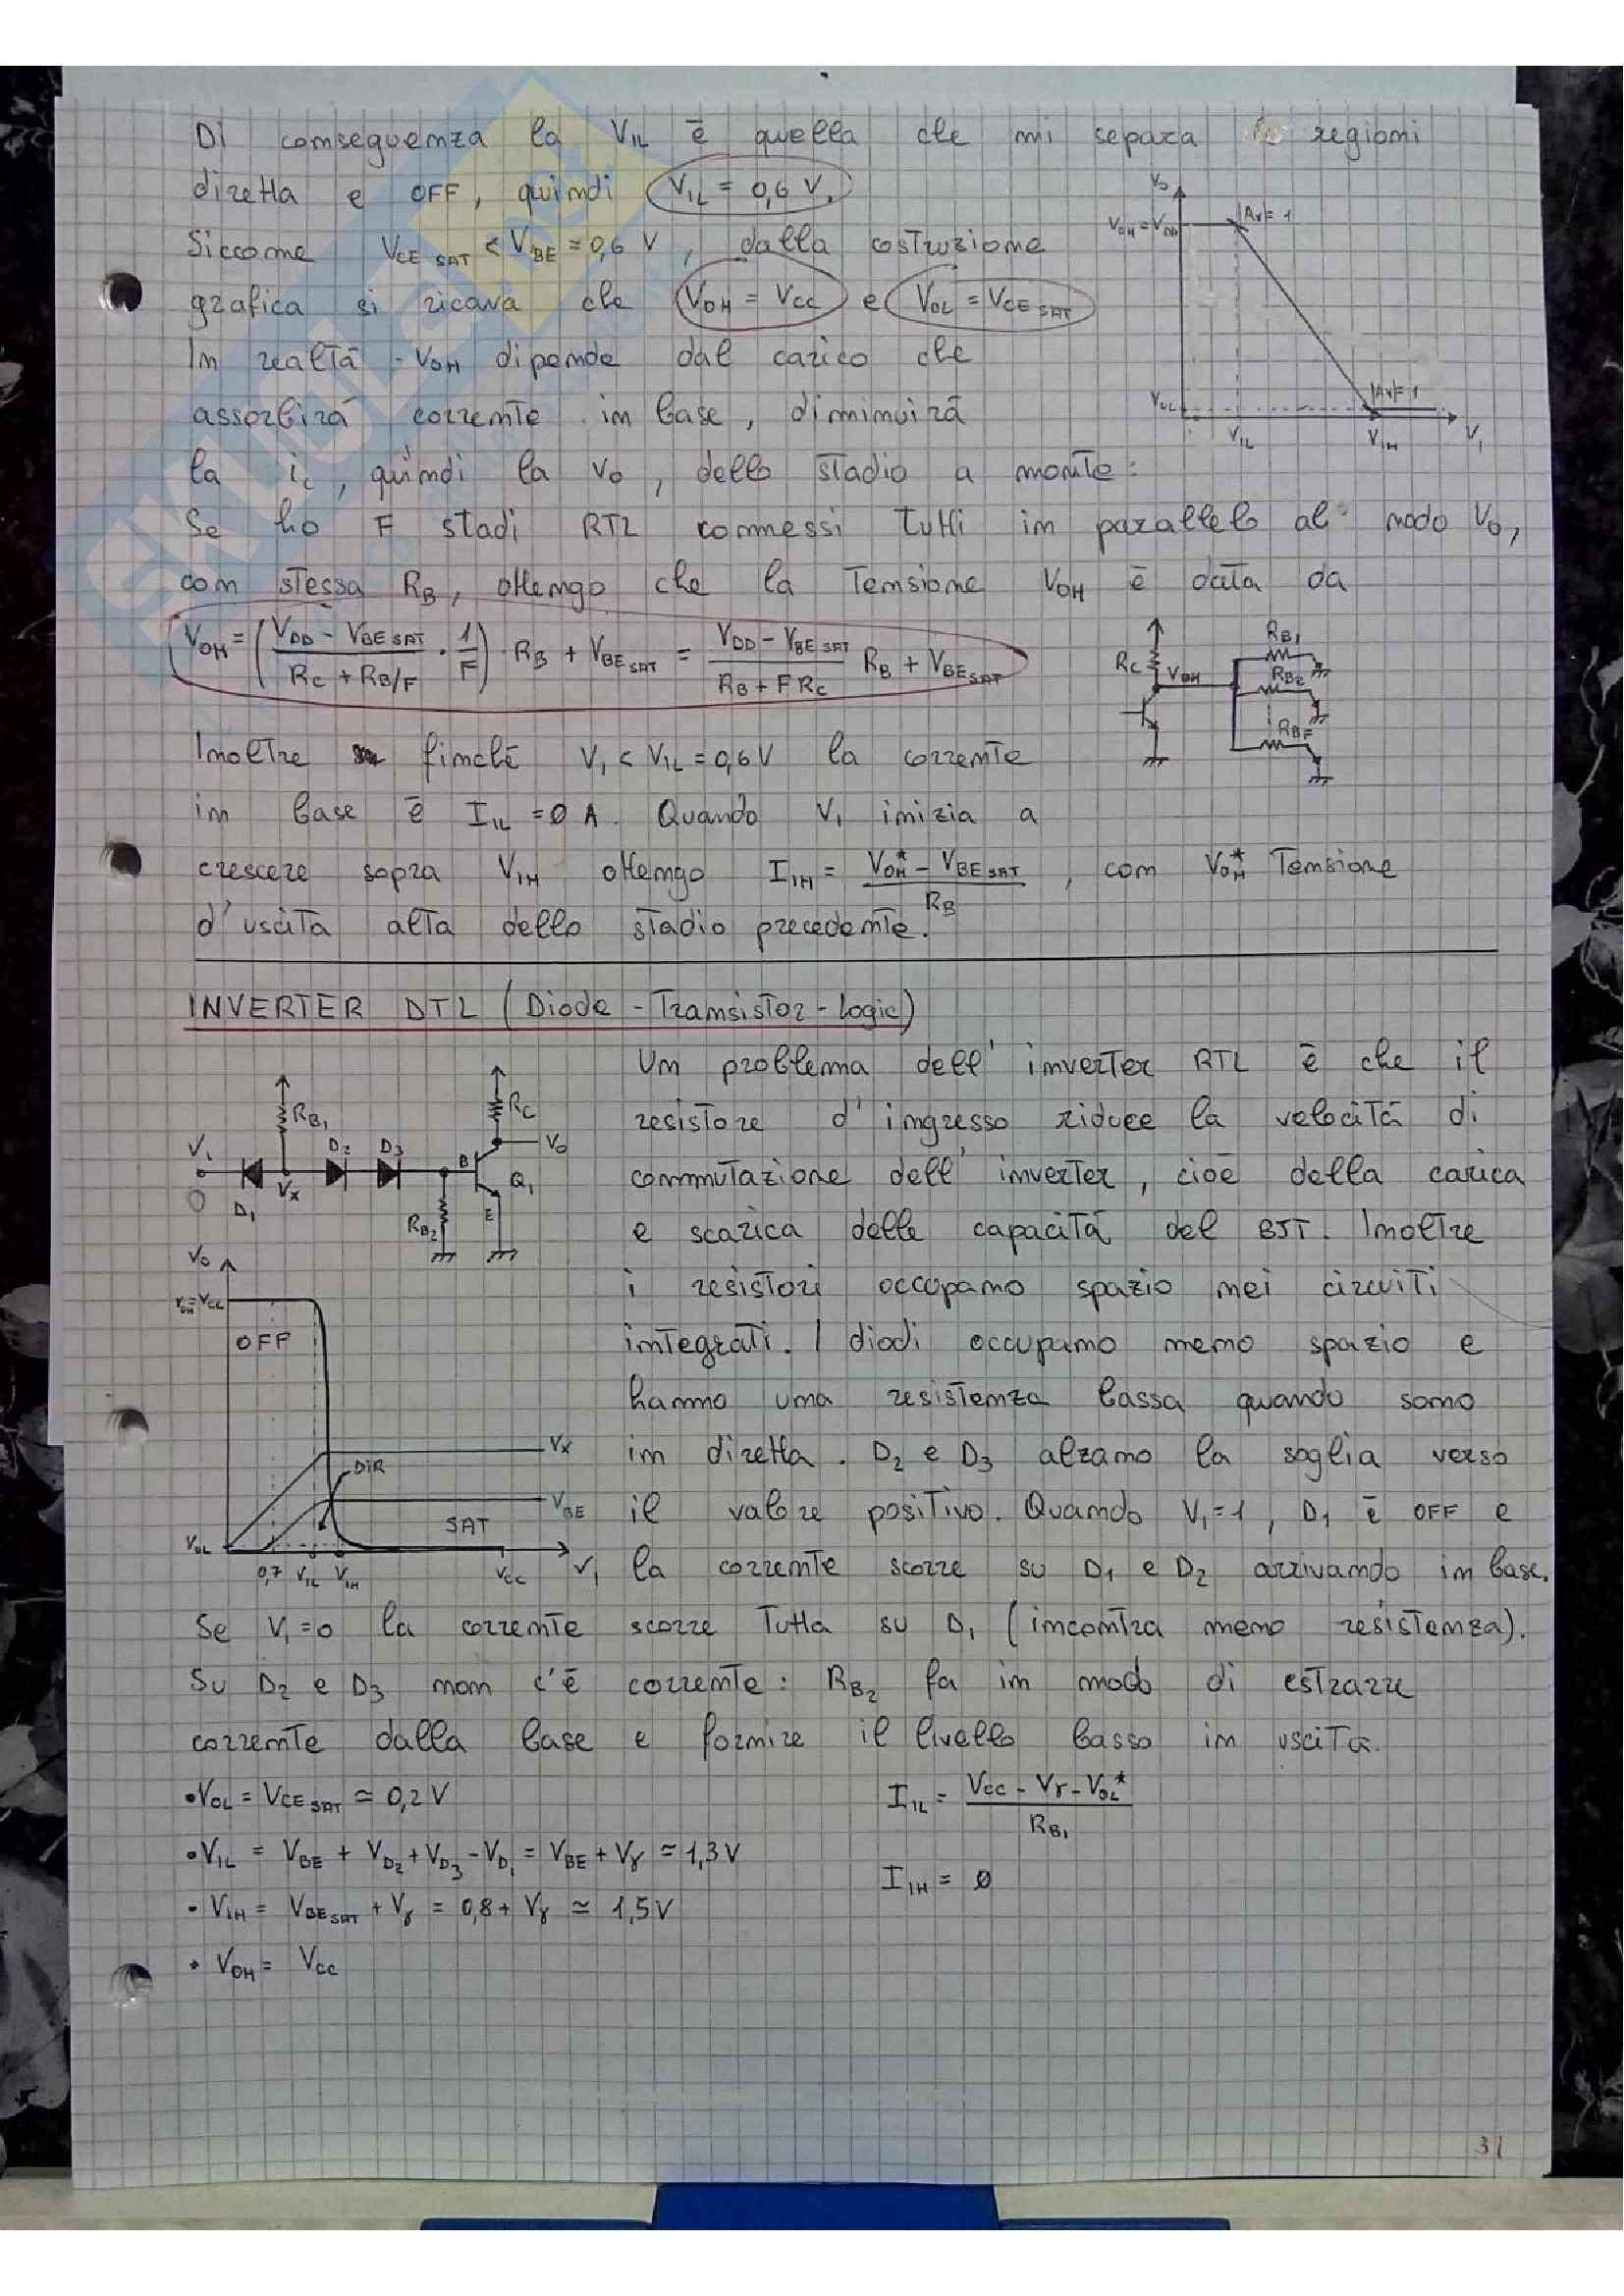 Elettronica Digitale - Teoria e Esercizi Pag. 31